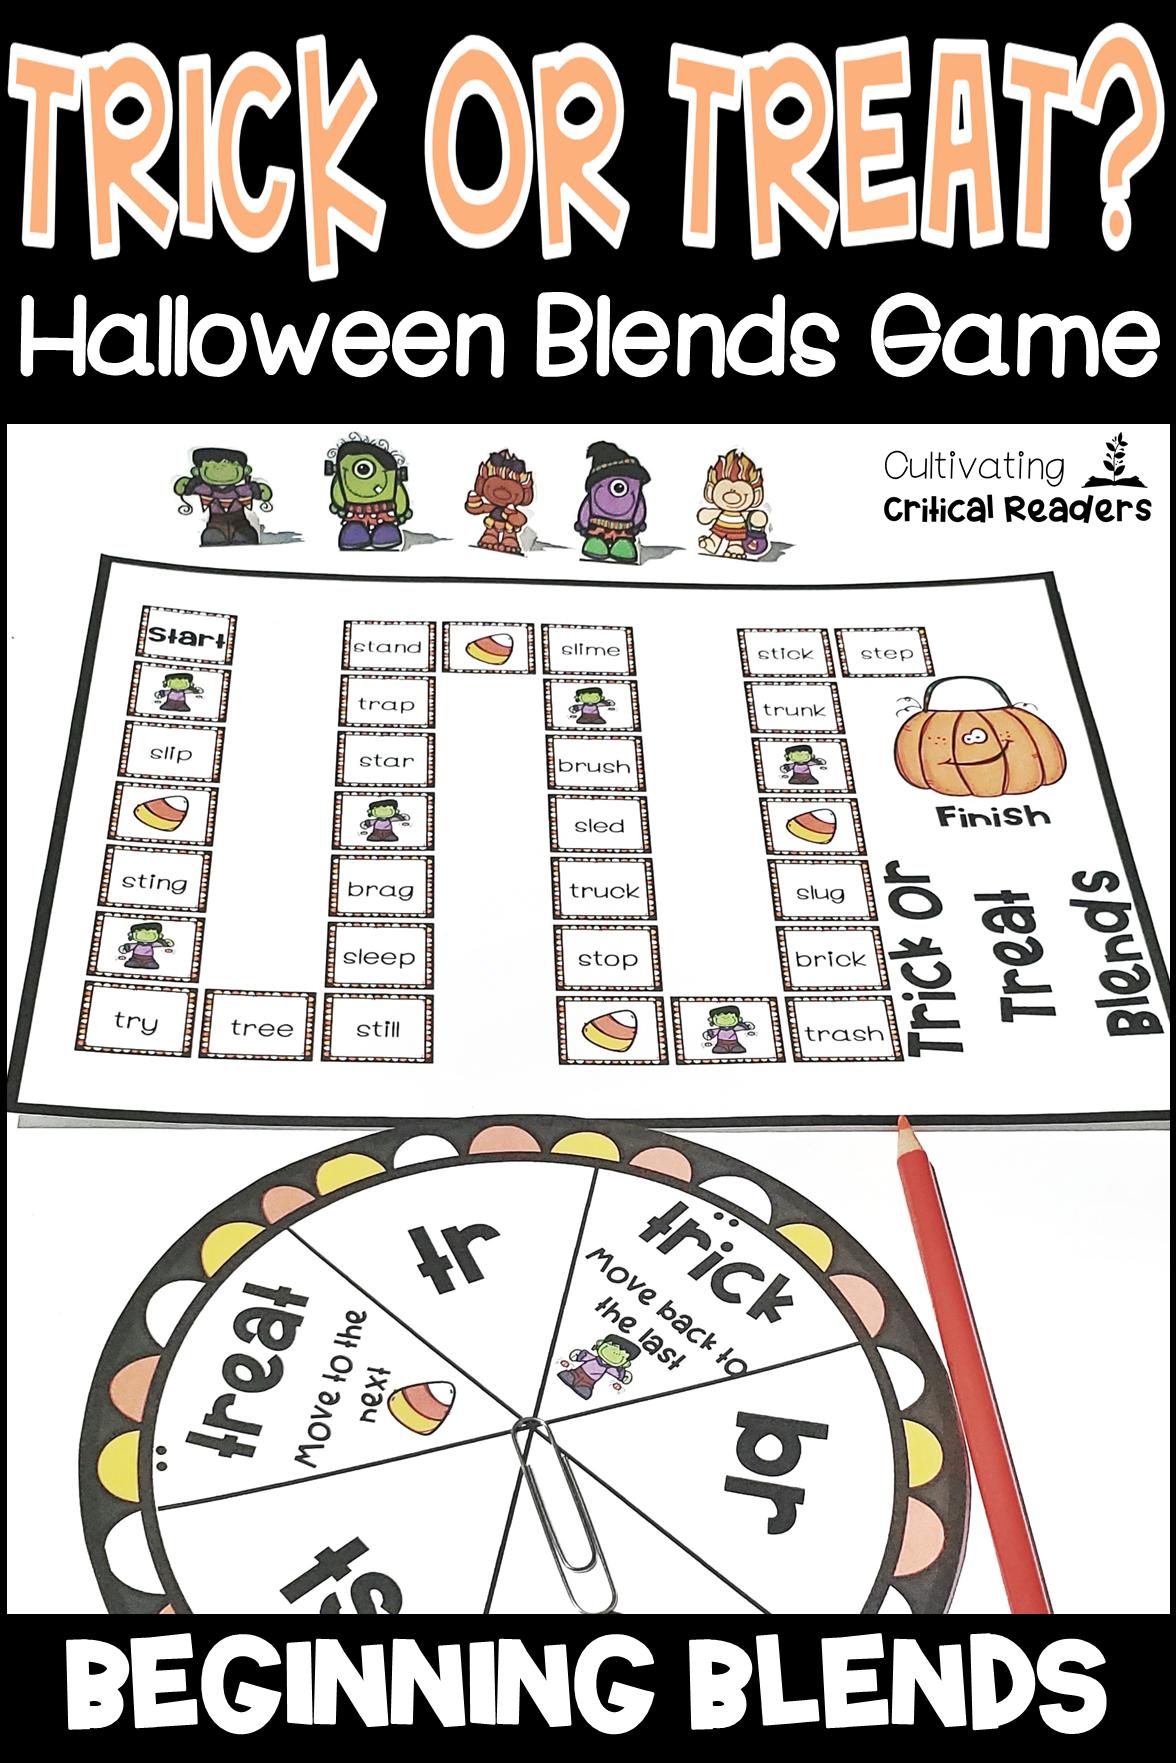 Halloween Blends Activity Blends activities, Halloween